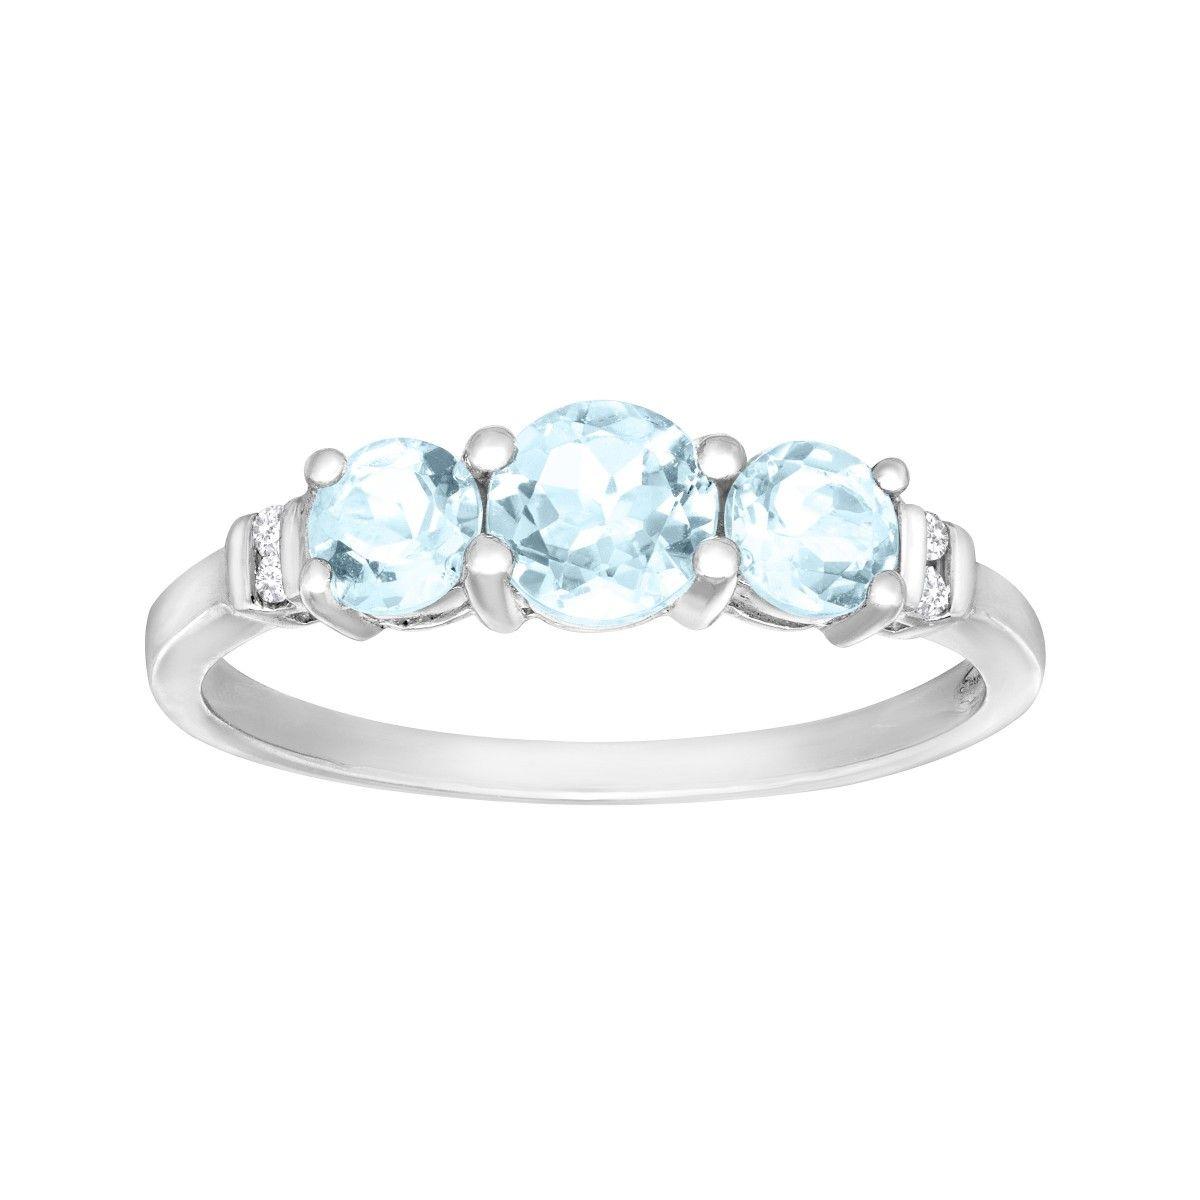 7/8 ct Aquamarine Trio Ring with Diamonds